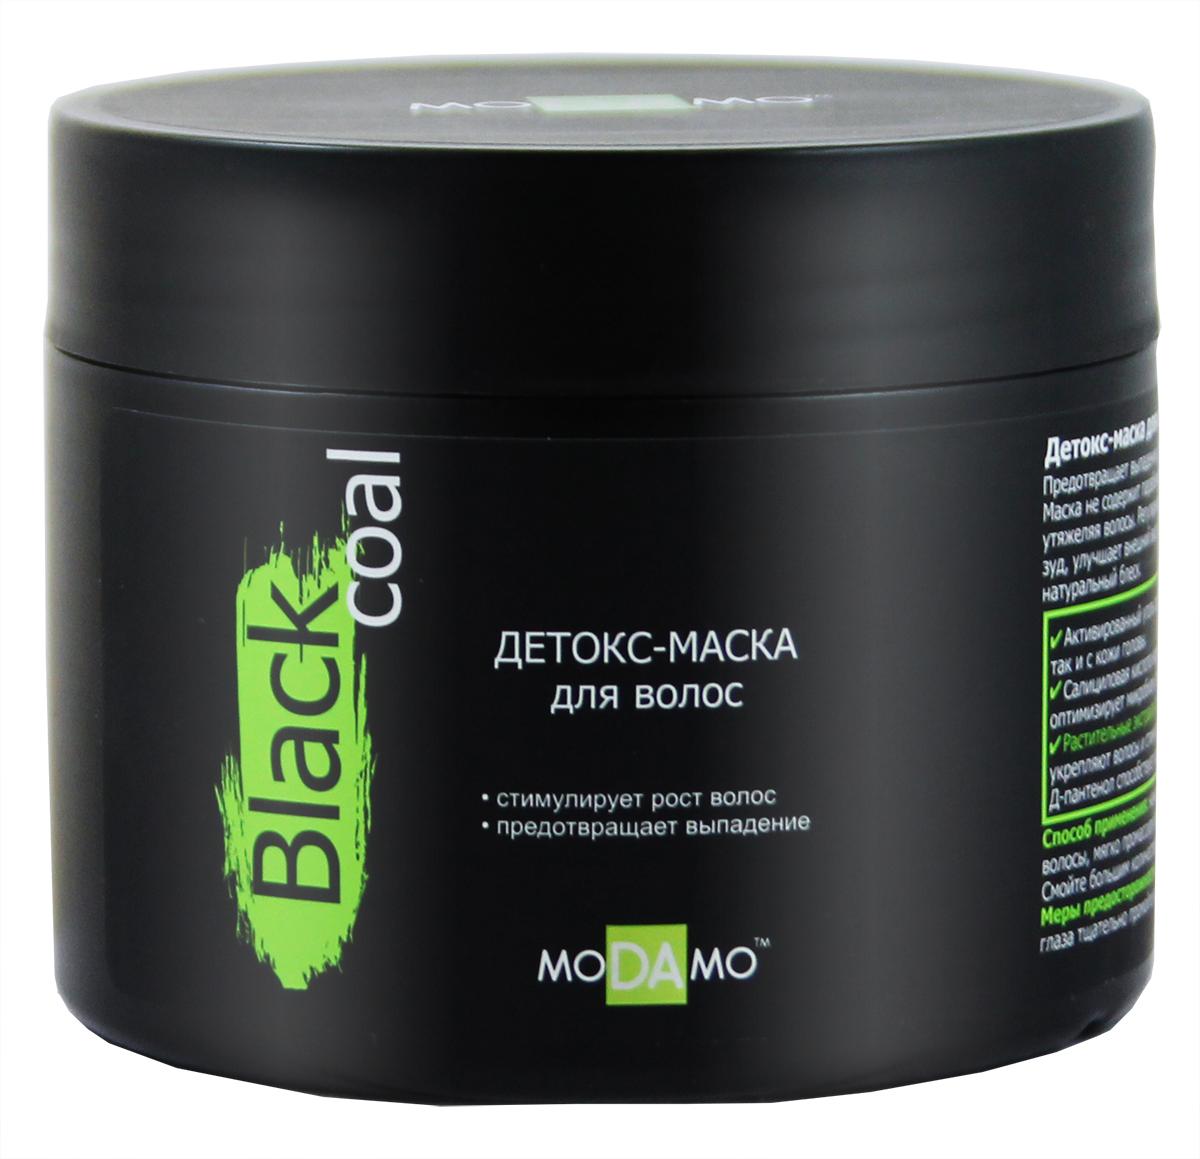 Sanata Детокс-маска для волос Черный уголь ,стимулирует рост волос moDAmo, 250 мл sanata крем для рук sanata cosmetics роза 100 мл